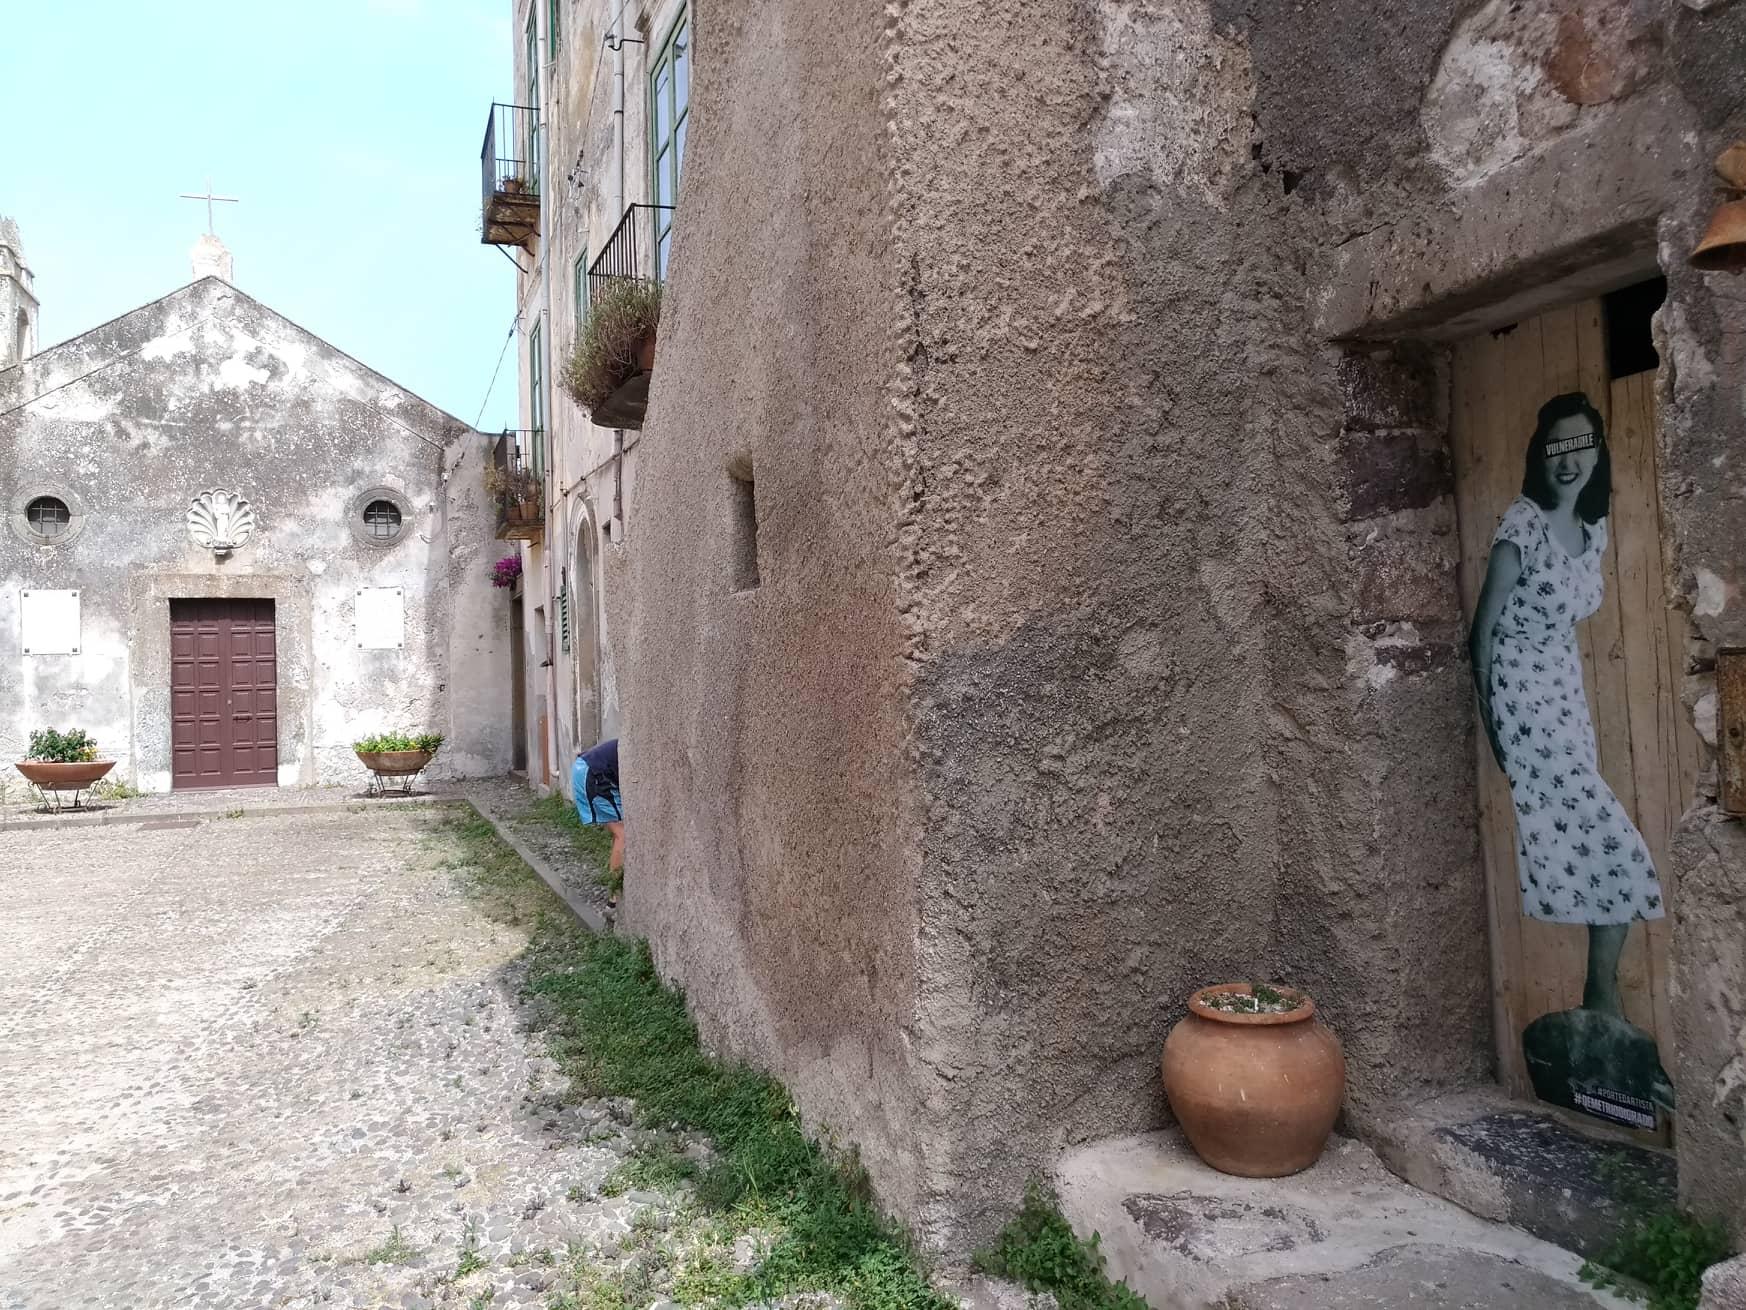 porte d'artista di Demetrio Di Grado, un progetto di urban art tra le strade di lipari - messina